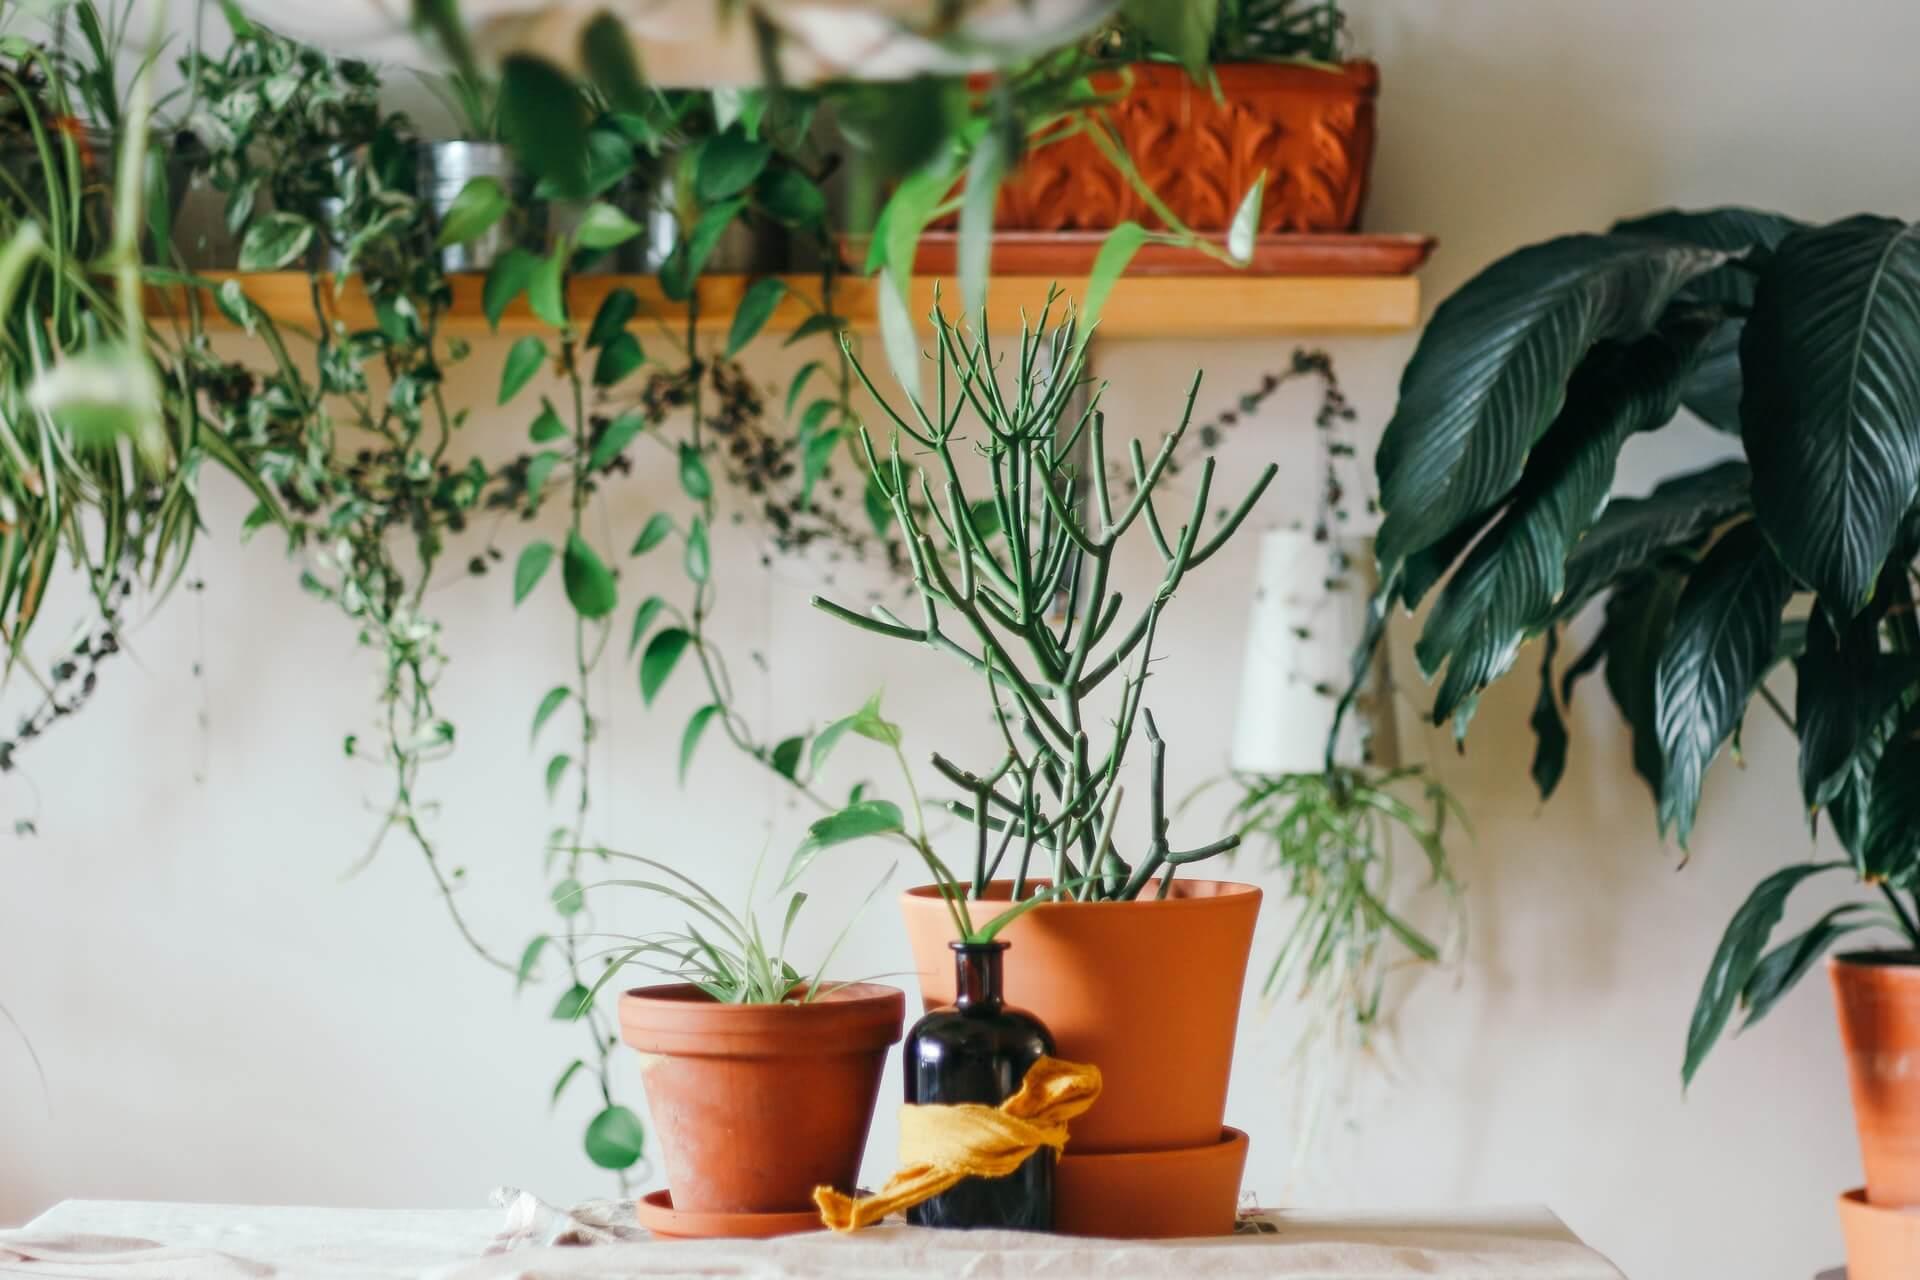 安らぎを感じさせる植物